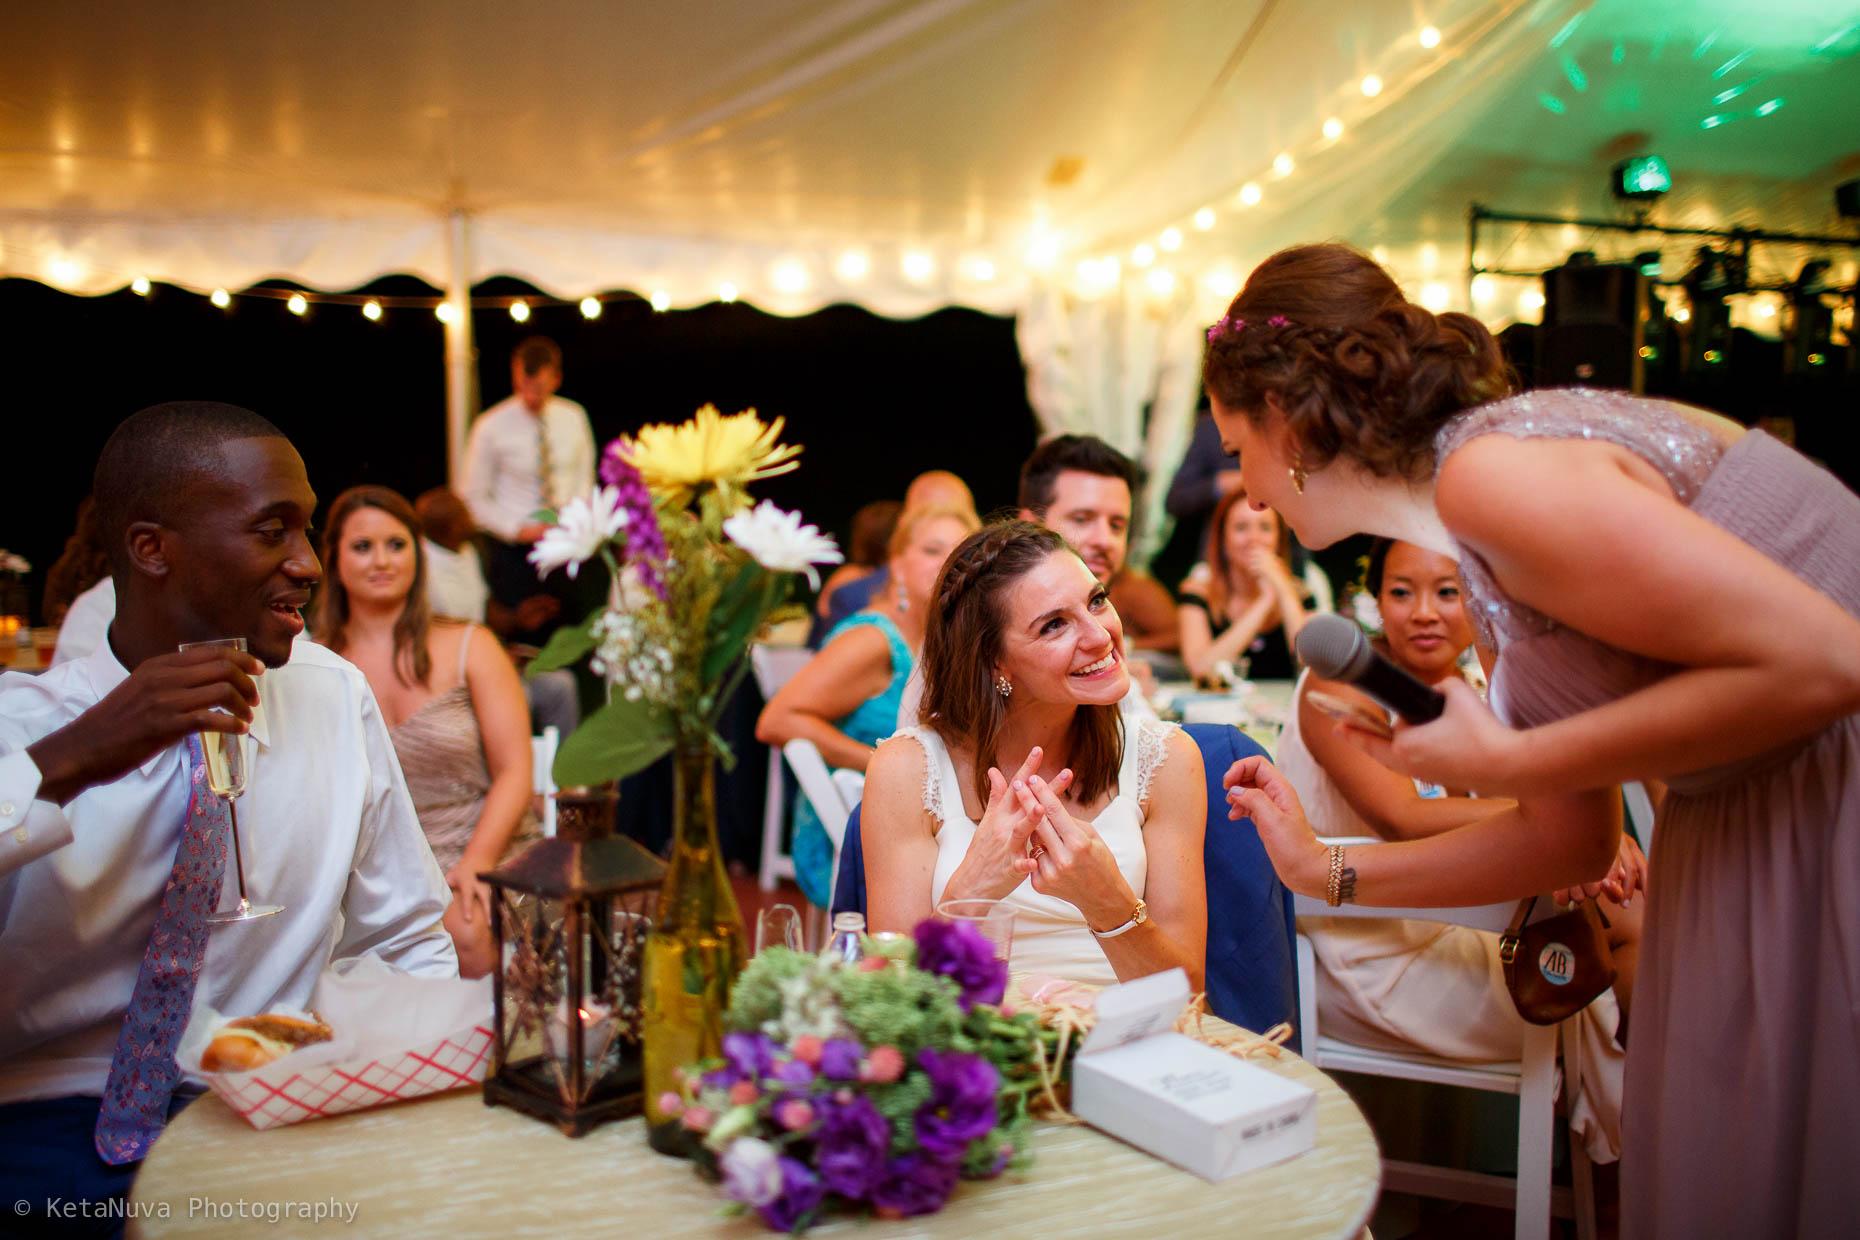 Sunken Garden - Lauxmont Farms Wedding | Aubrey & Barrett Lauxmont Farms Wedding Sunken Garden50